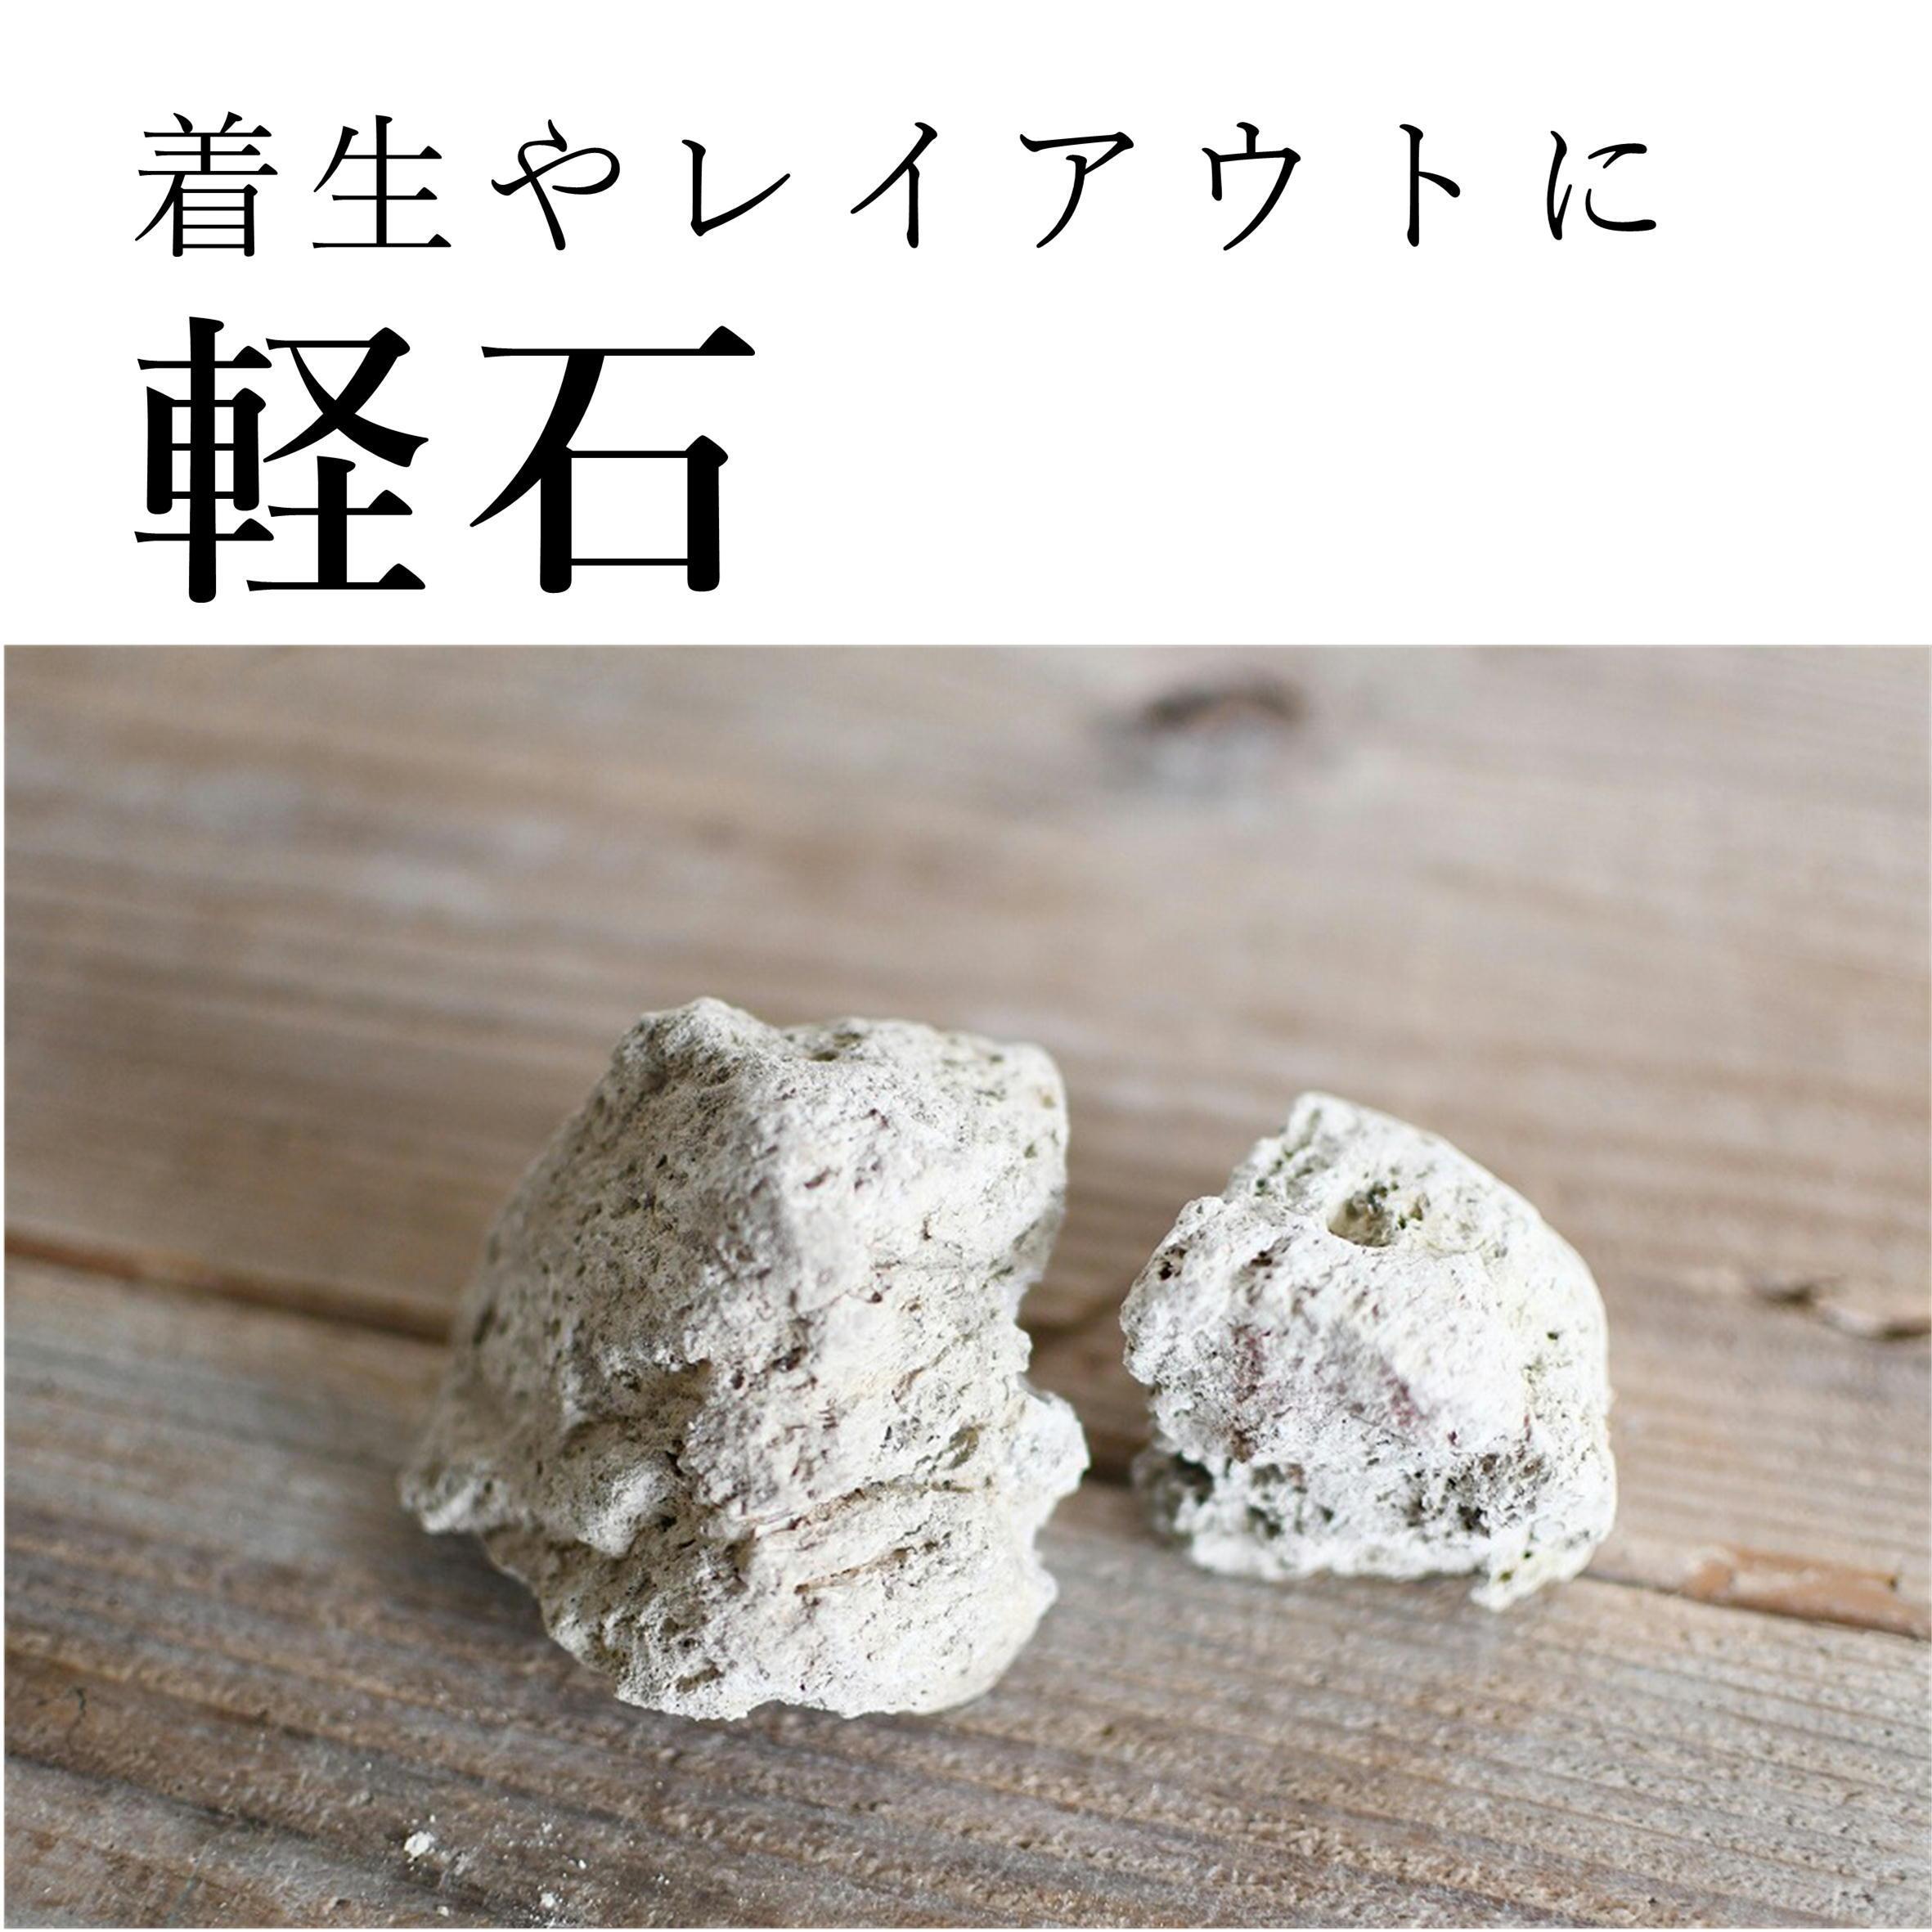 軽石 Mサイズ(6〜9cm) 2個入り【レイアウト用・着生用】